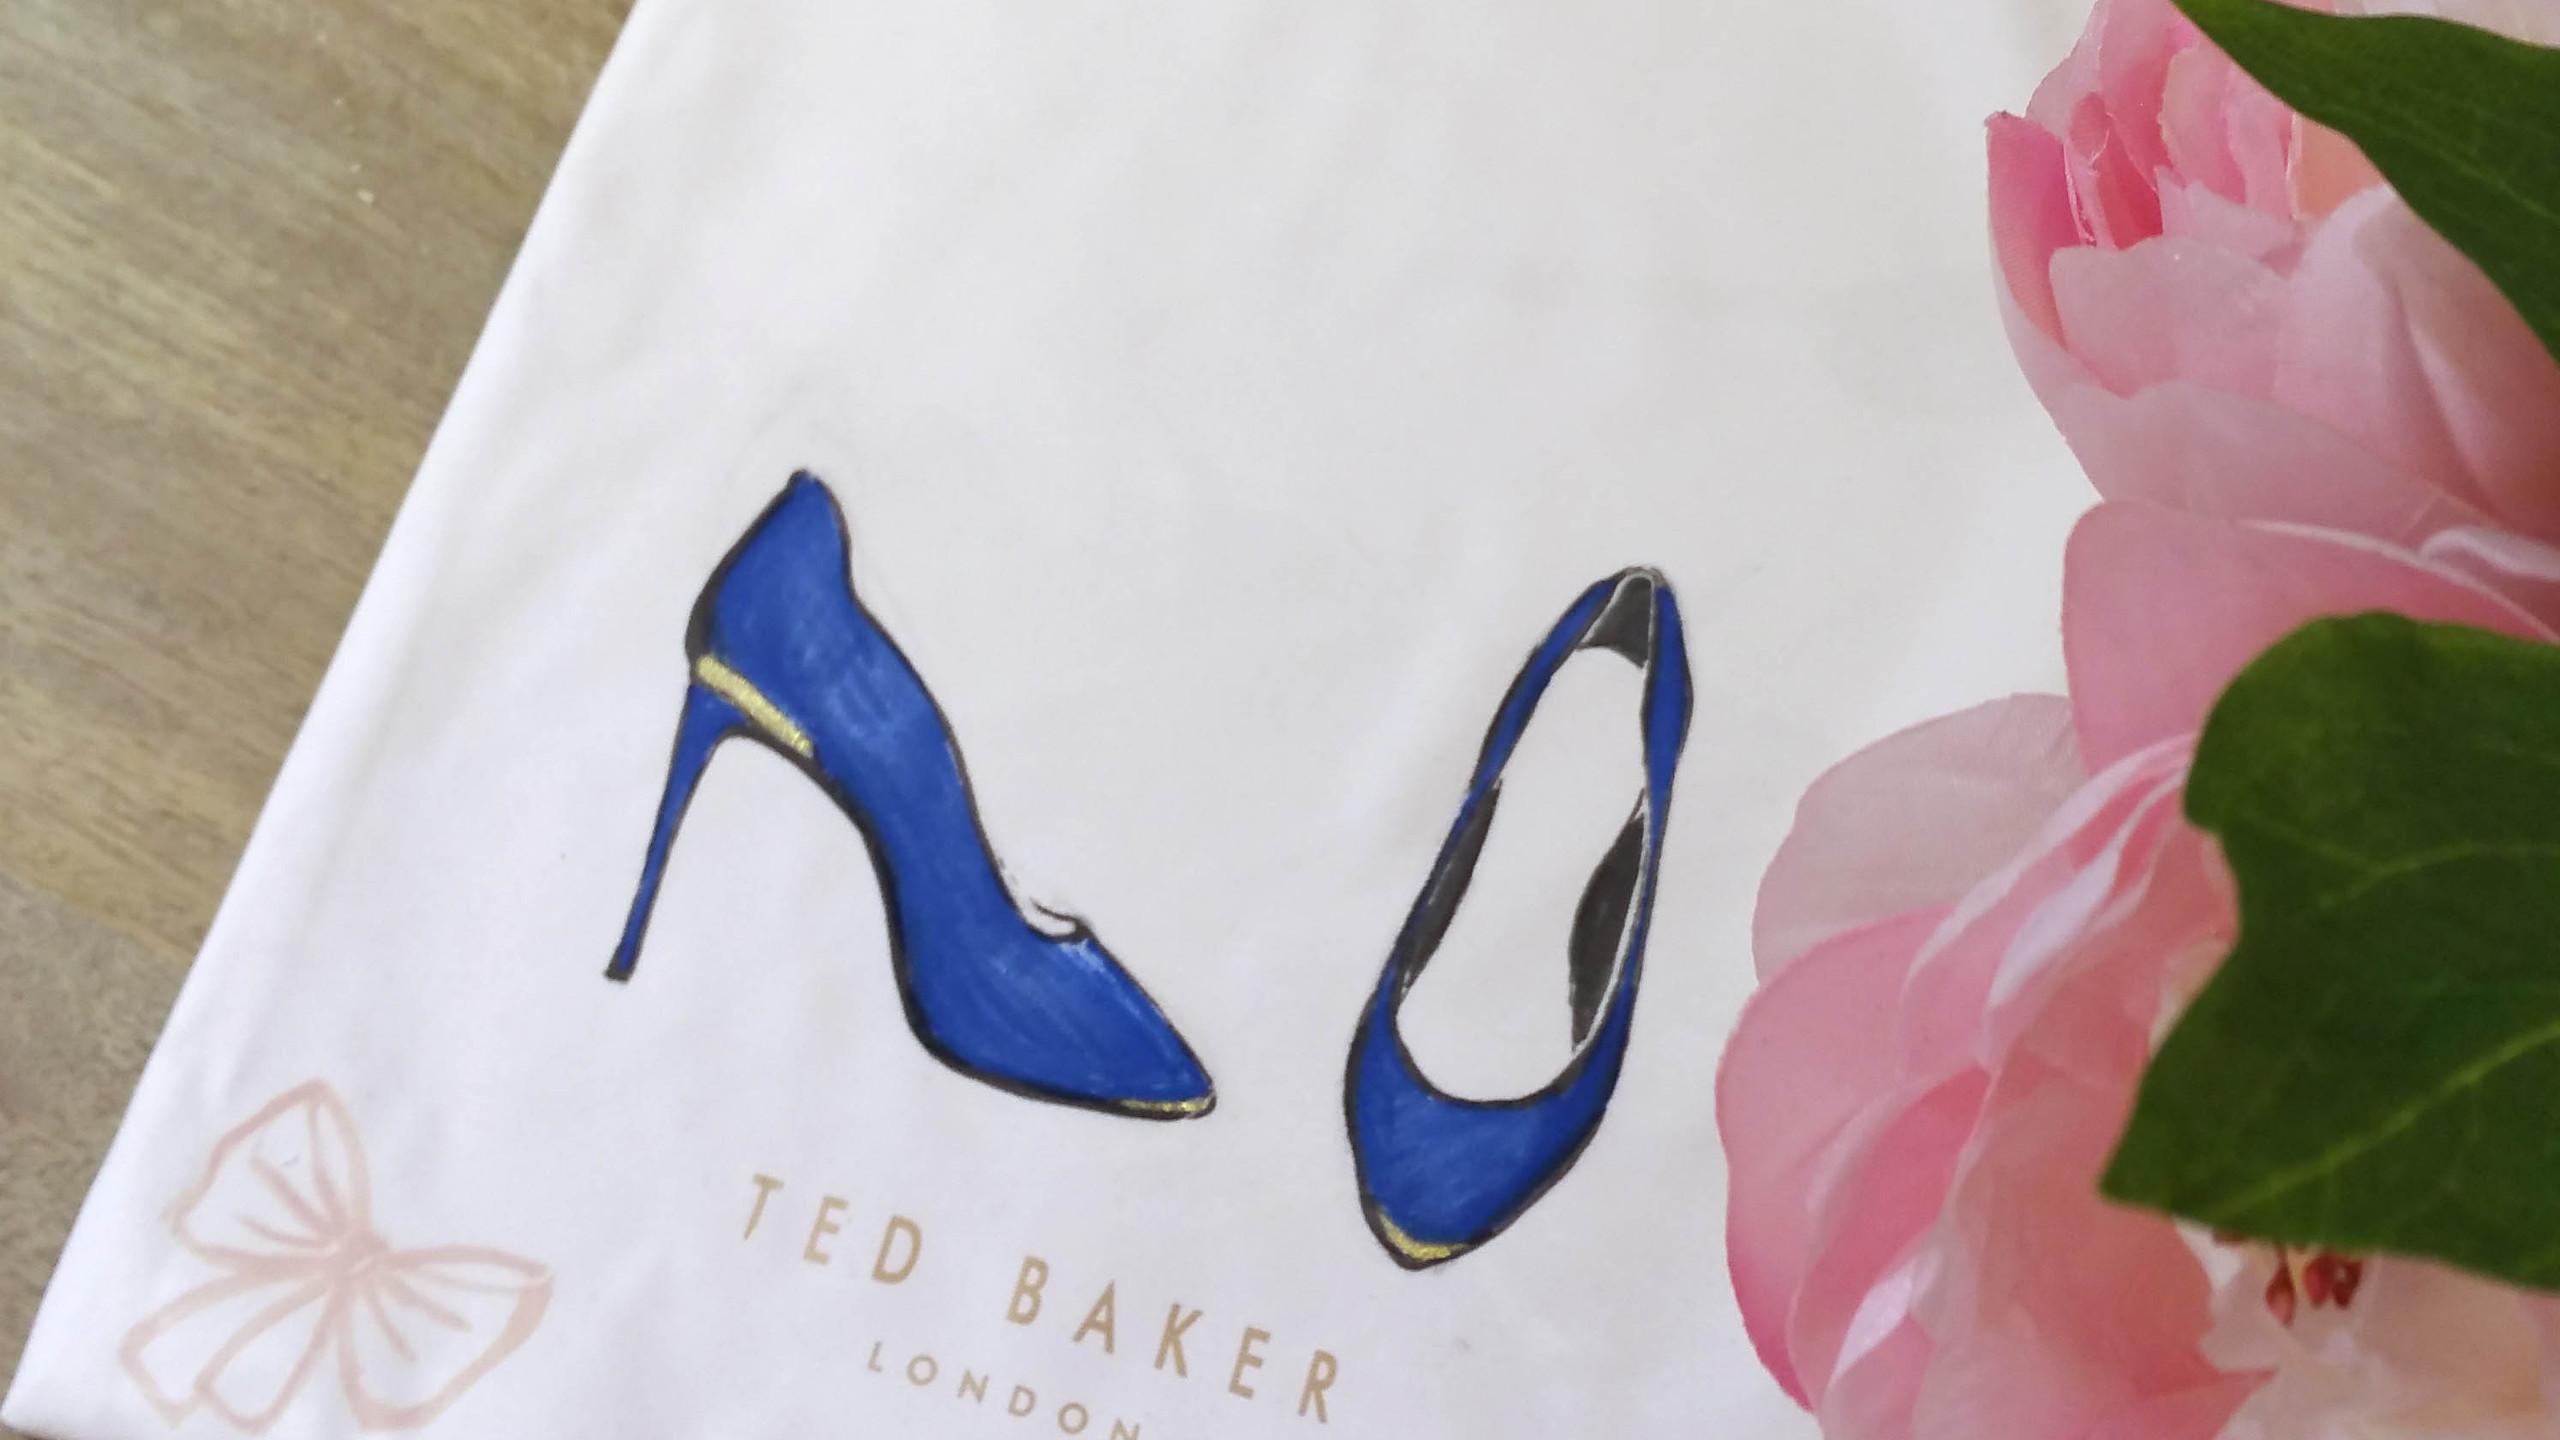 Ted Baker footwear bag